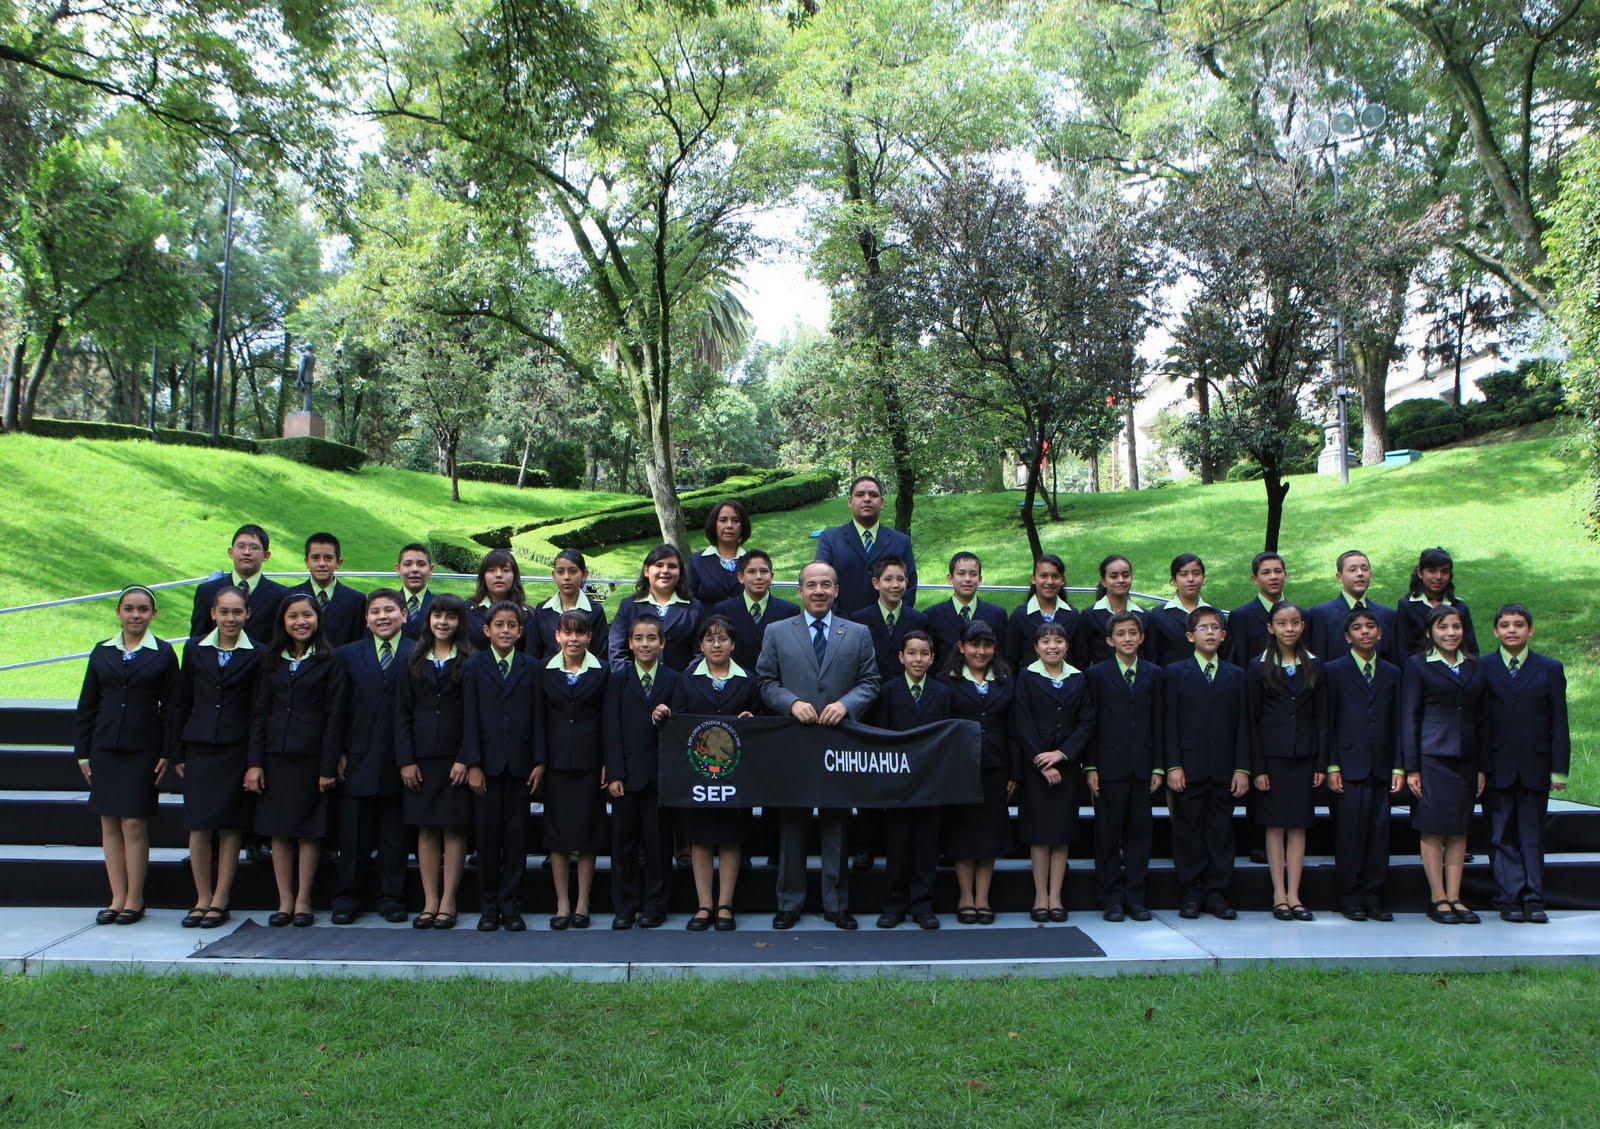 Olimpiada del conocimiento chihuahua 2010 foto delegacion for Jardin infantil los pinos